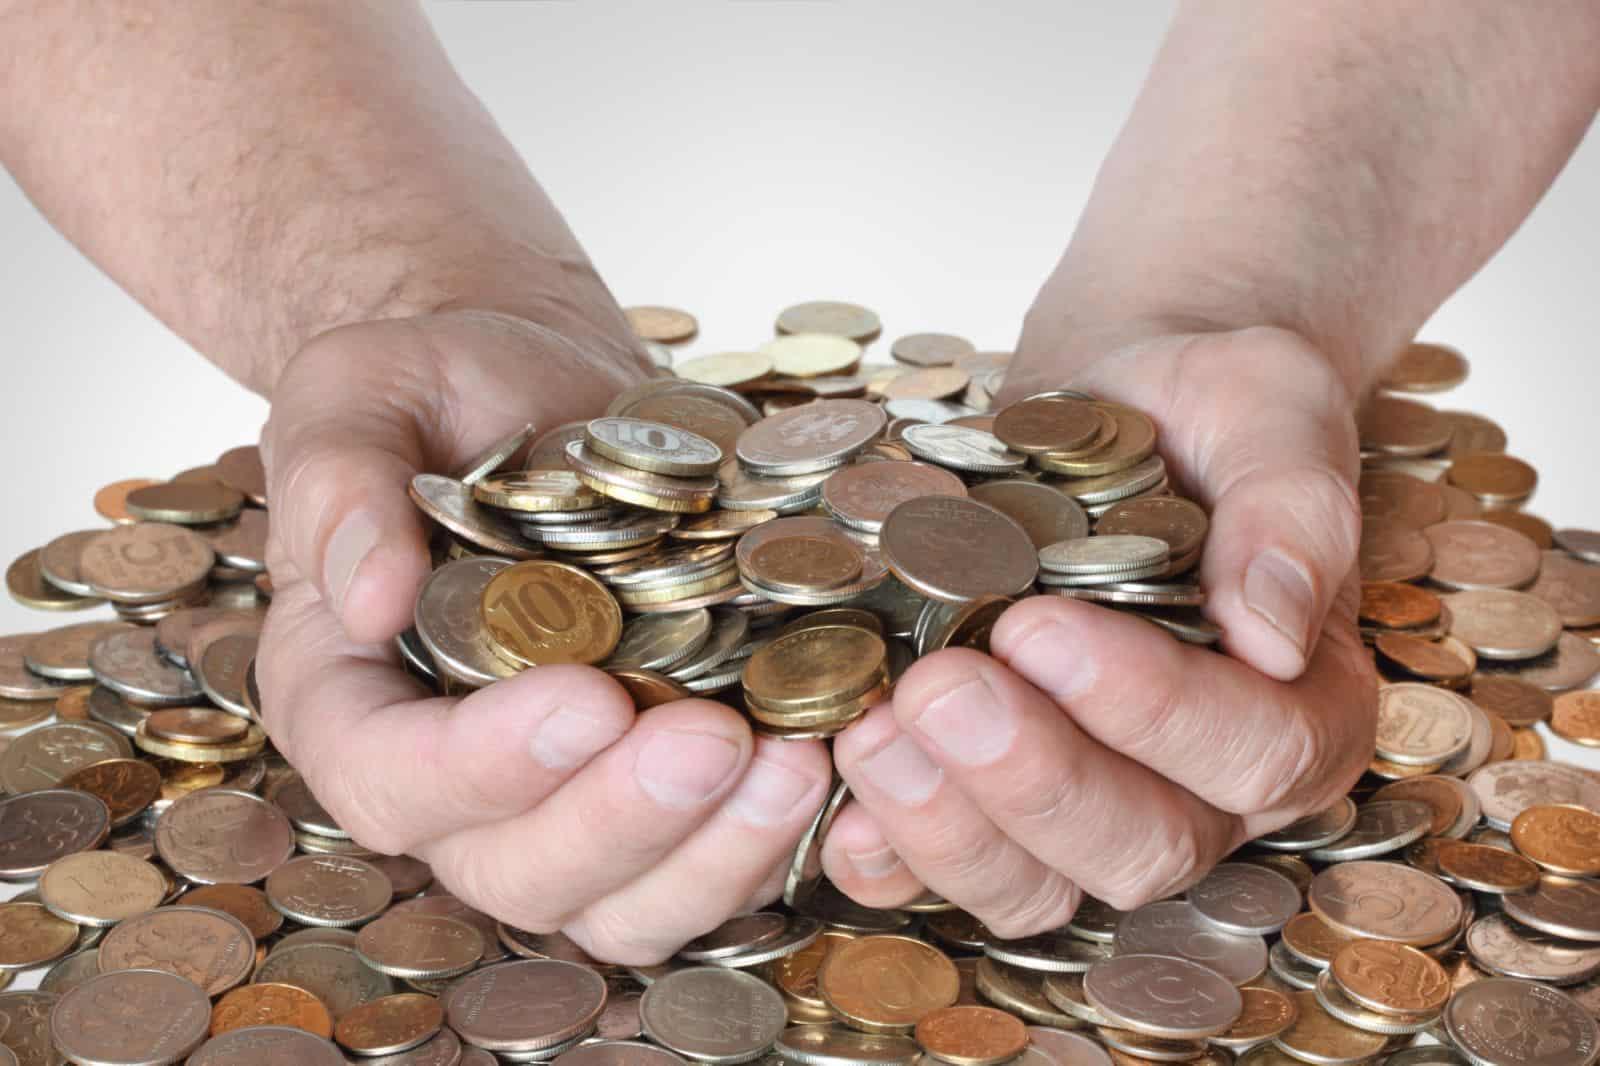 Биржа труда: как встать на учёт и получать пособие